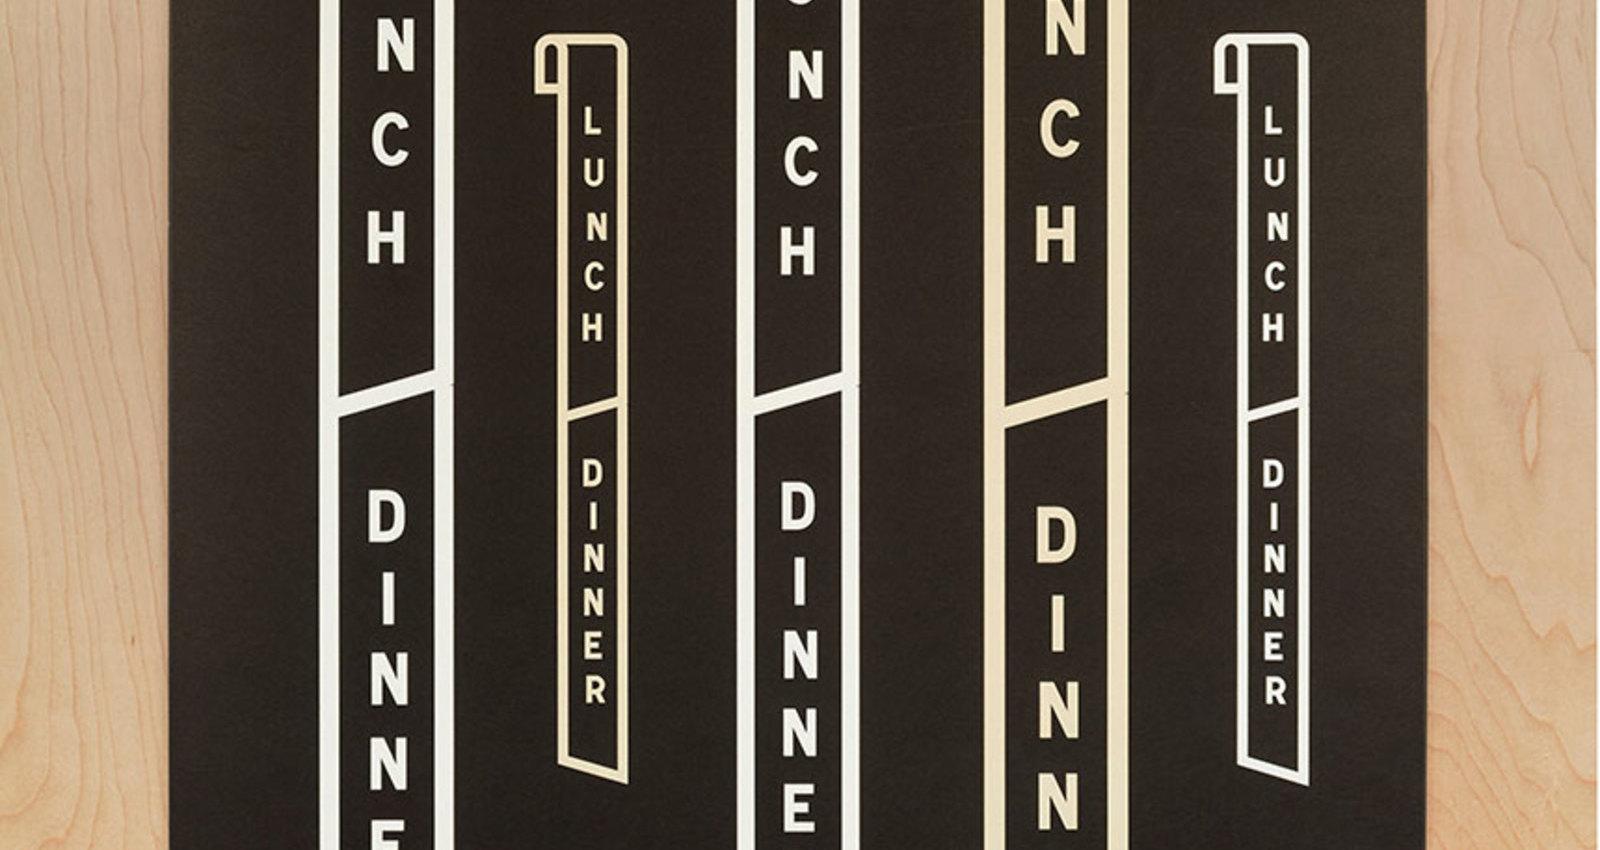 Kigo Kitchen Poster Series